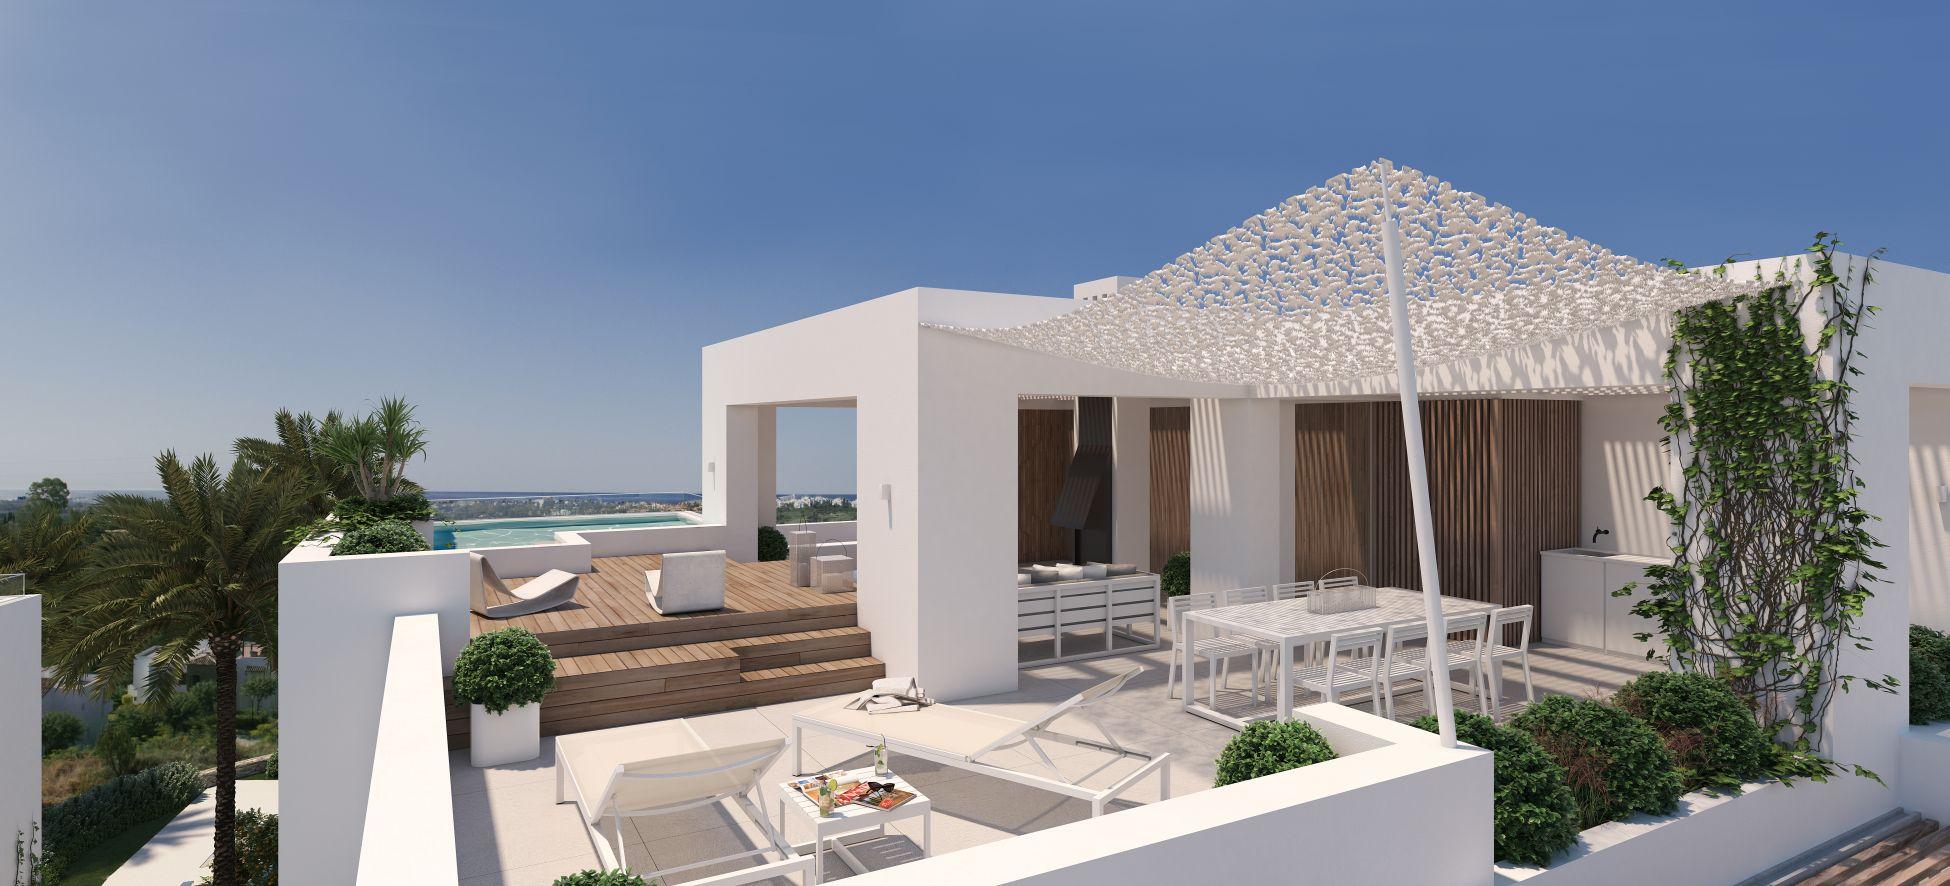 Unico-penthouse terrace